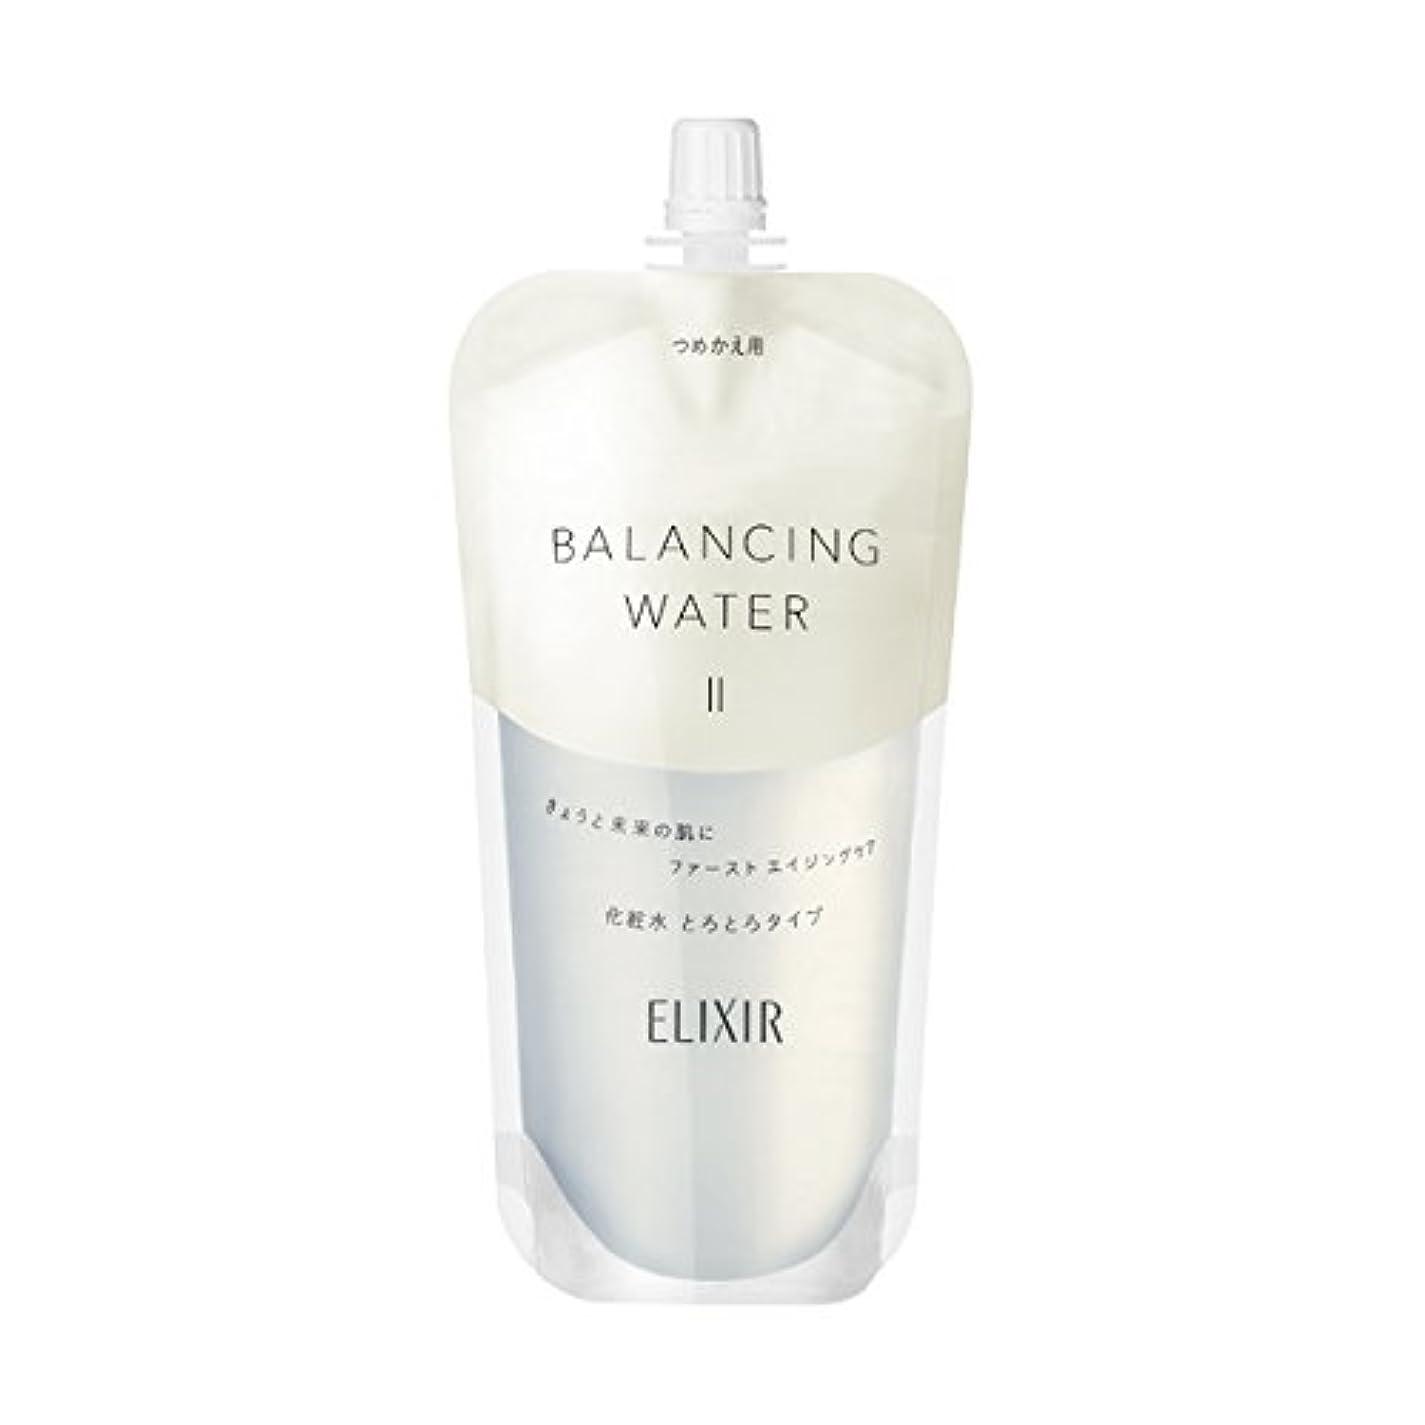 ペルソナ意味中国エリクシール ルフレ バランシング ウォーター 化粧水 2 (とろとろタイプ) (つめかえ用) 150mL